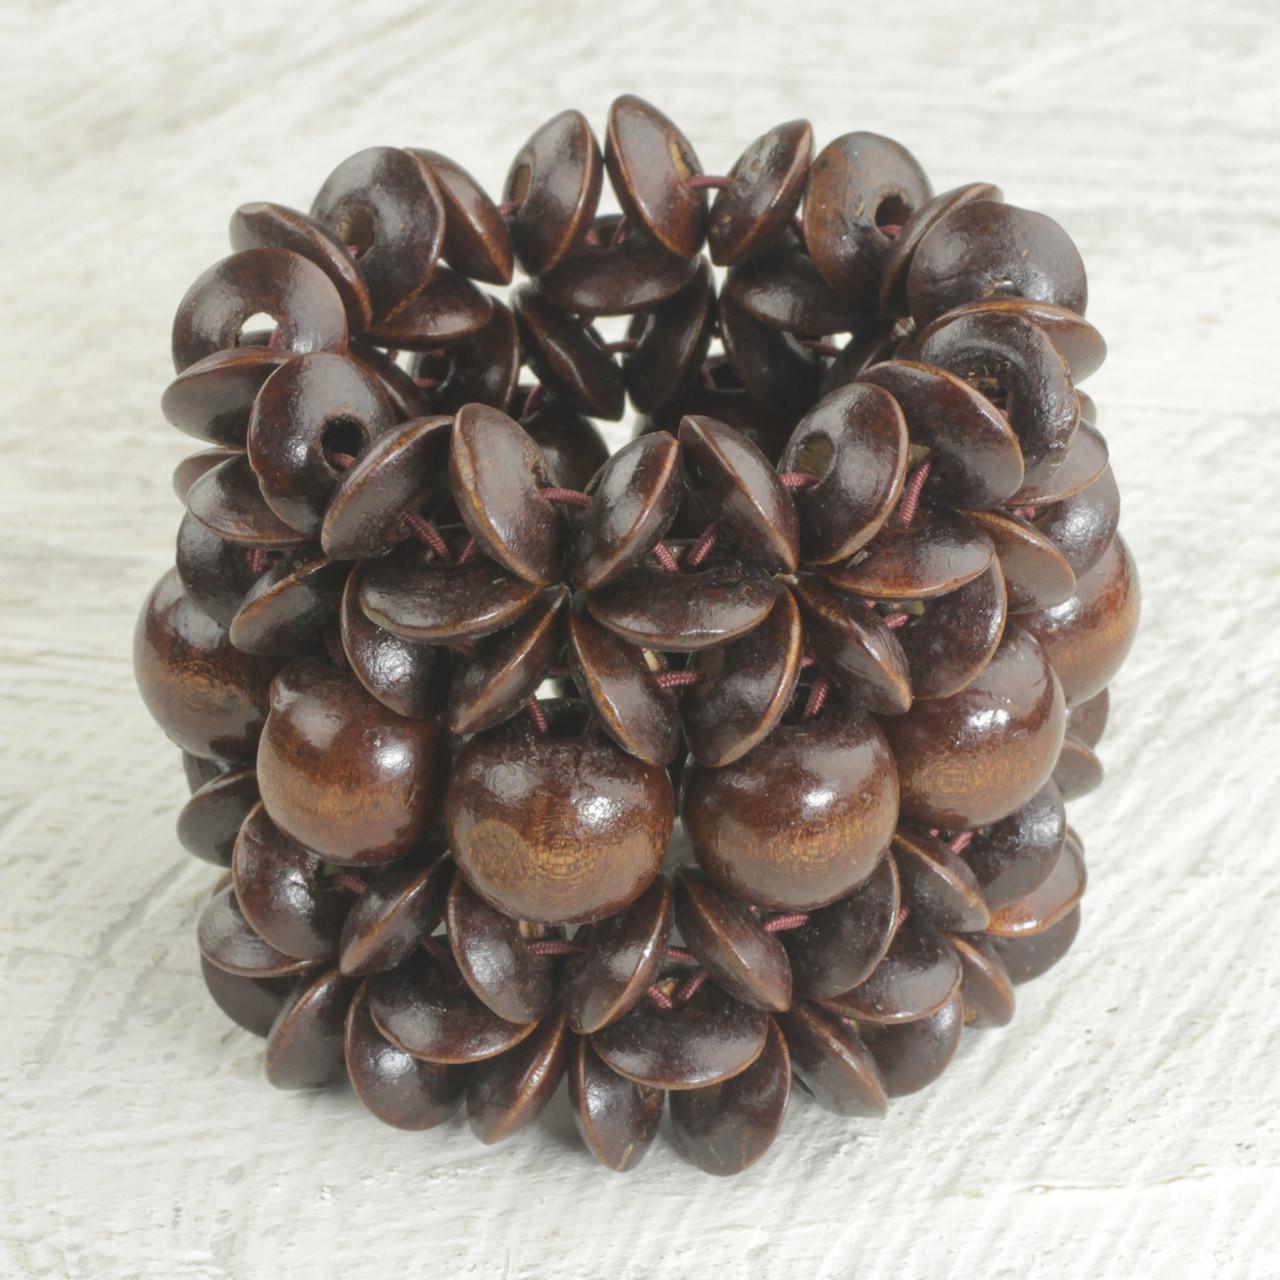 Sese Wood Beaded Bracelet in Dark Brown from Ghana 'Giving Aseda in Dark  Brown'